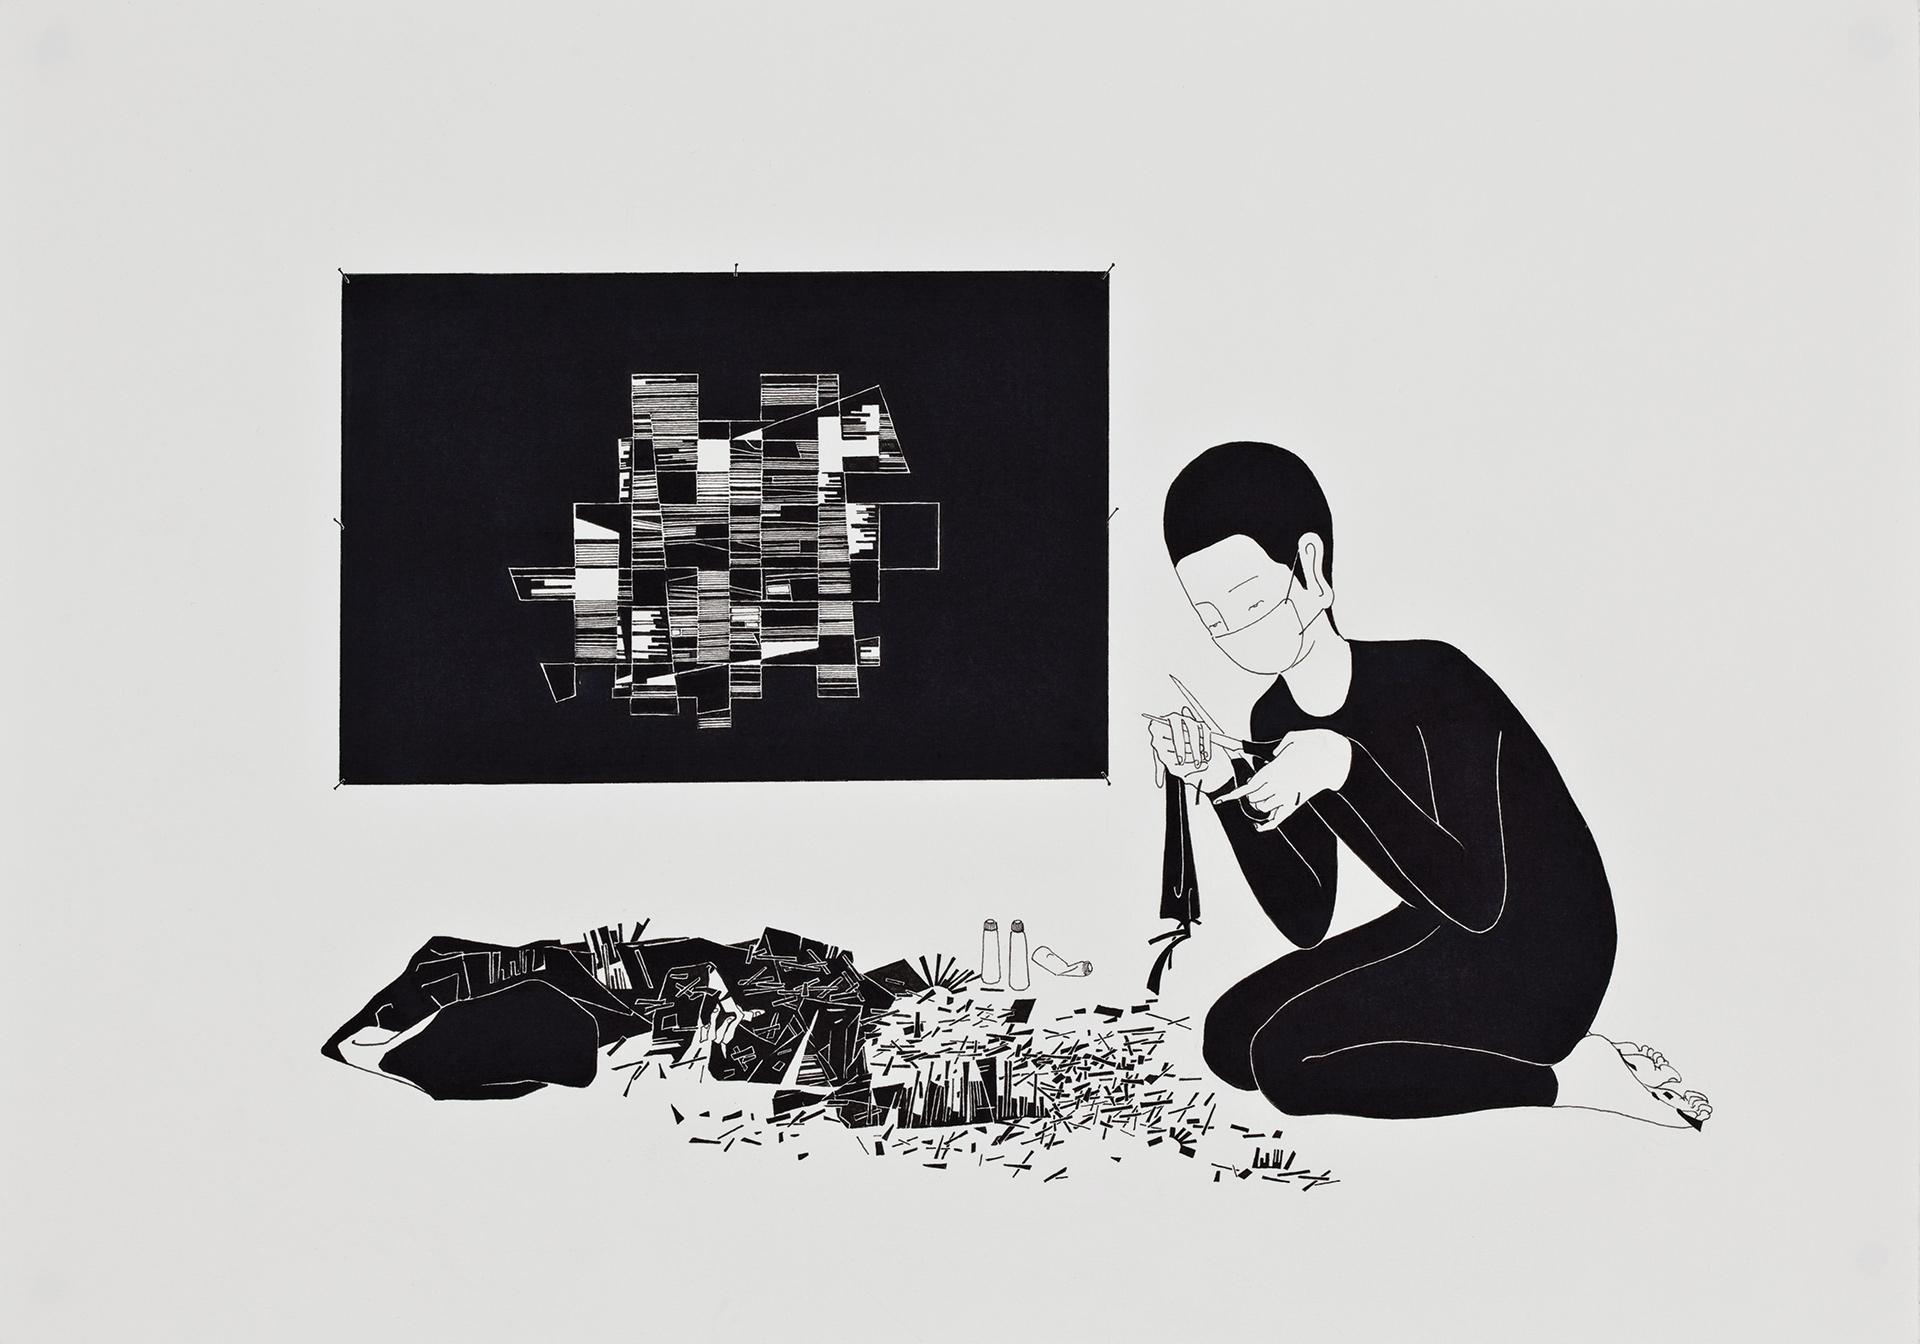 너에 관한 추상  / An abstract romanticist   Op.0047P -42 x 29.7 cm,종이에 펜, 마커 / Pigment liner and marker on paper, 2010